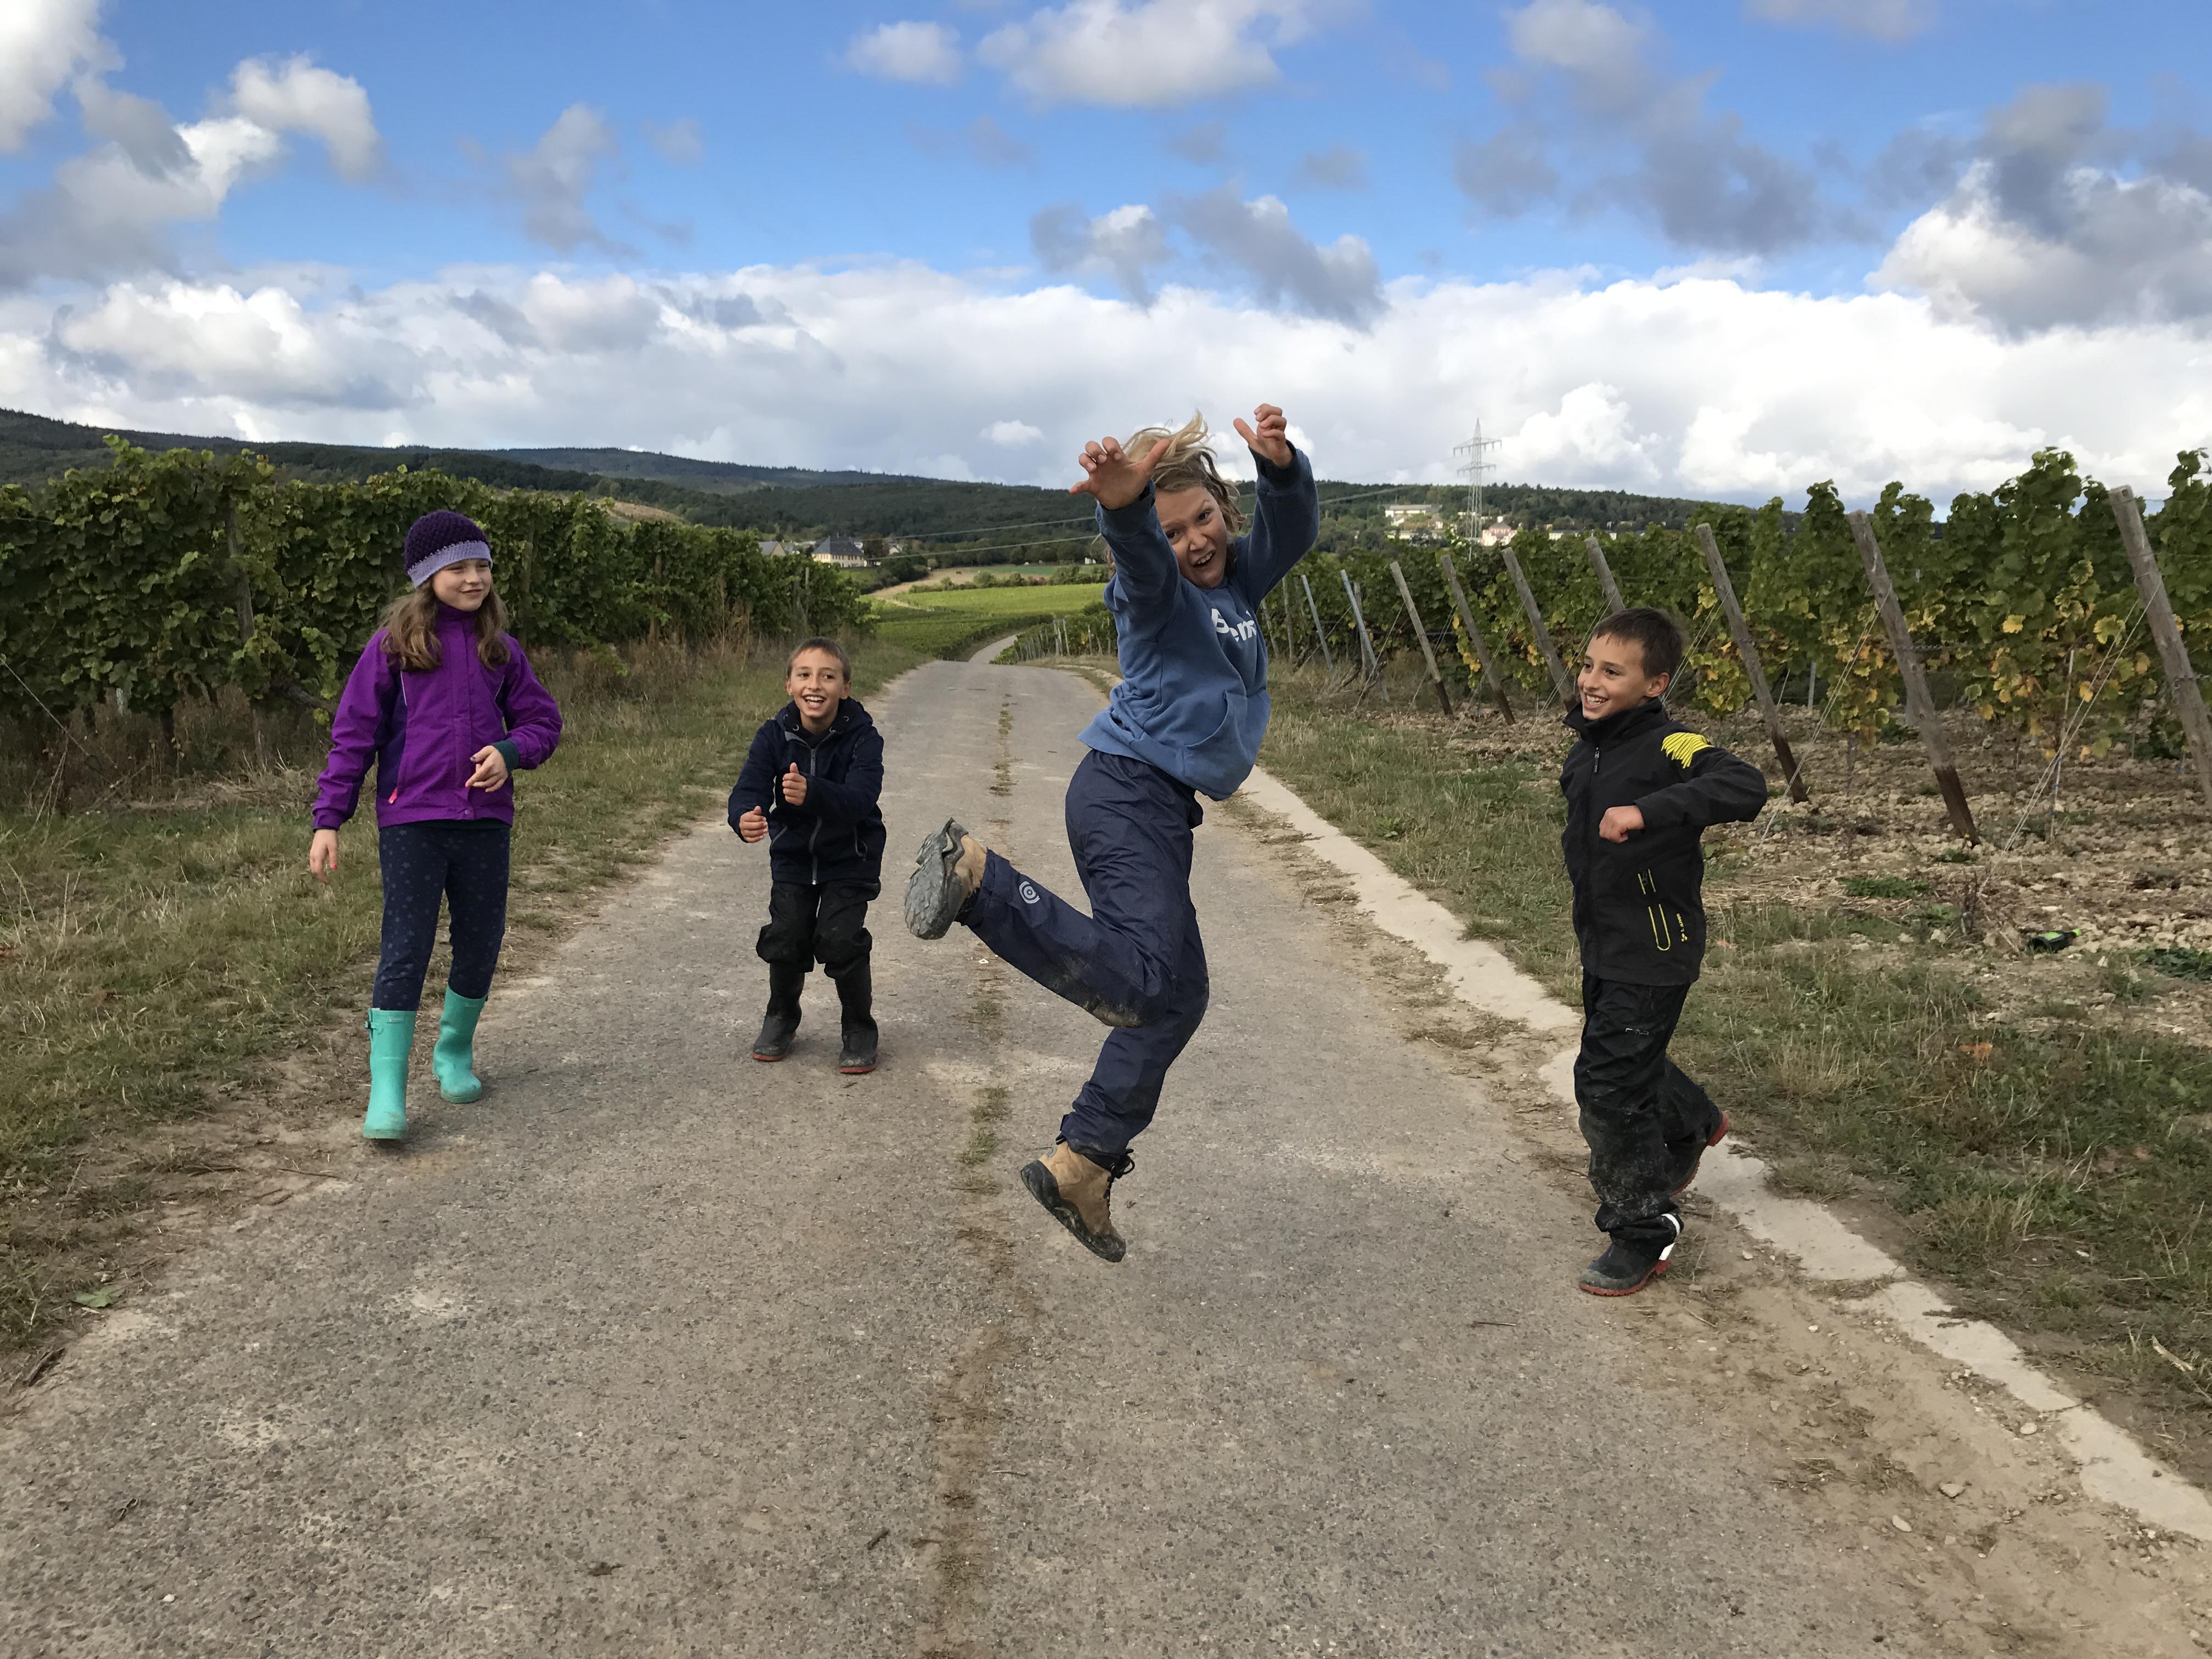 Spaß bei der Weinlese im Rheingau